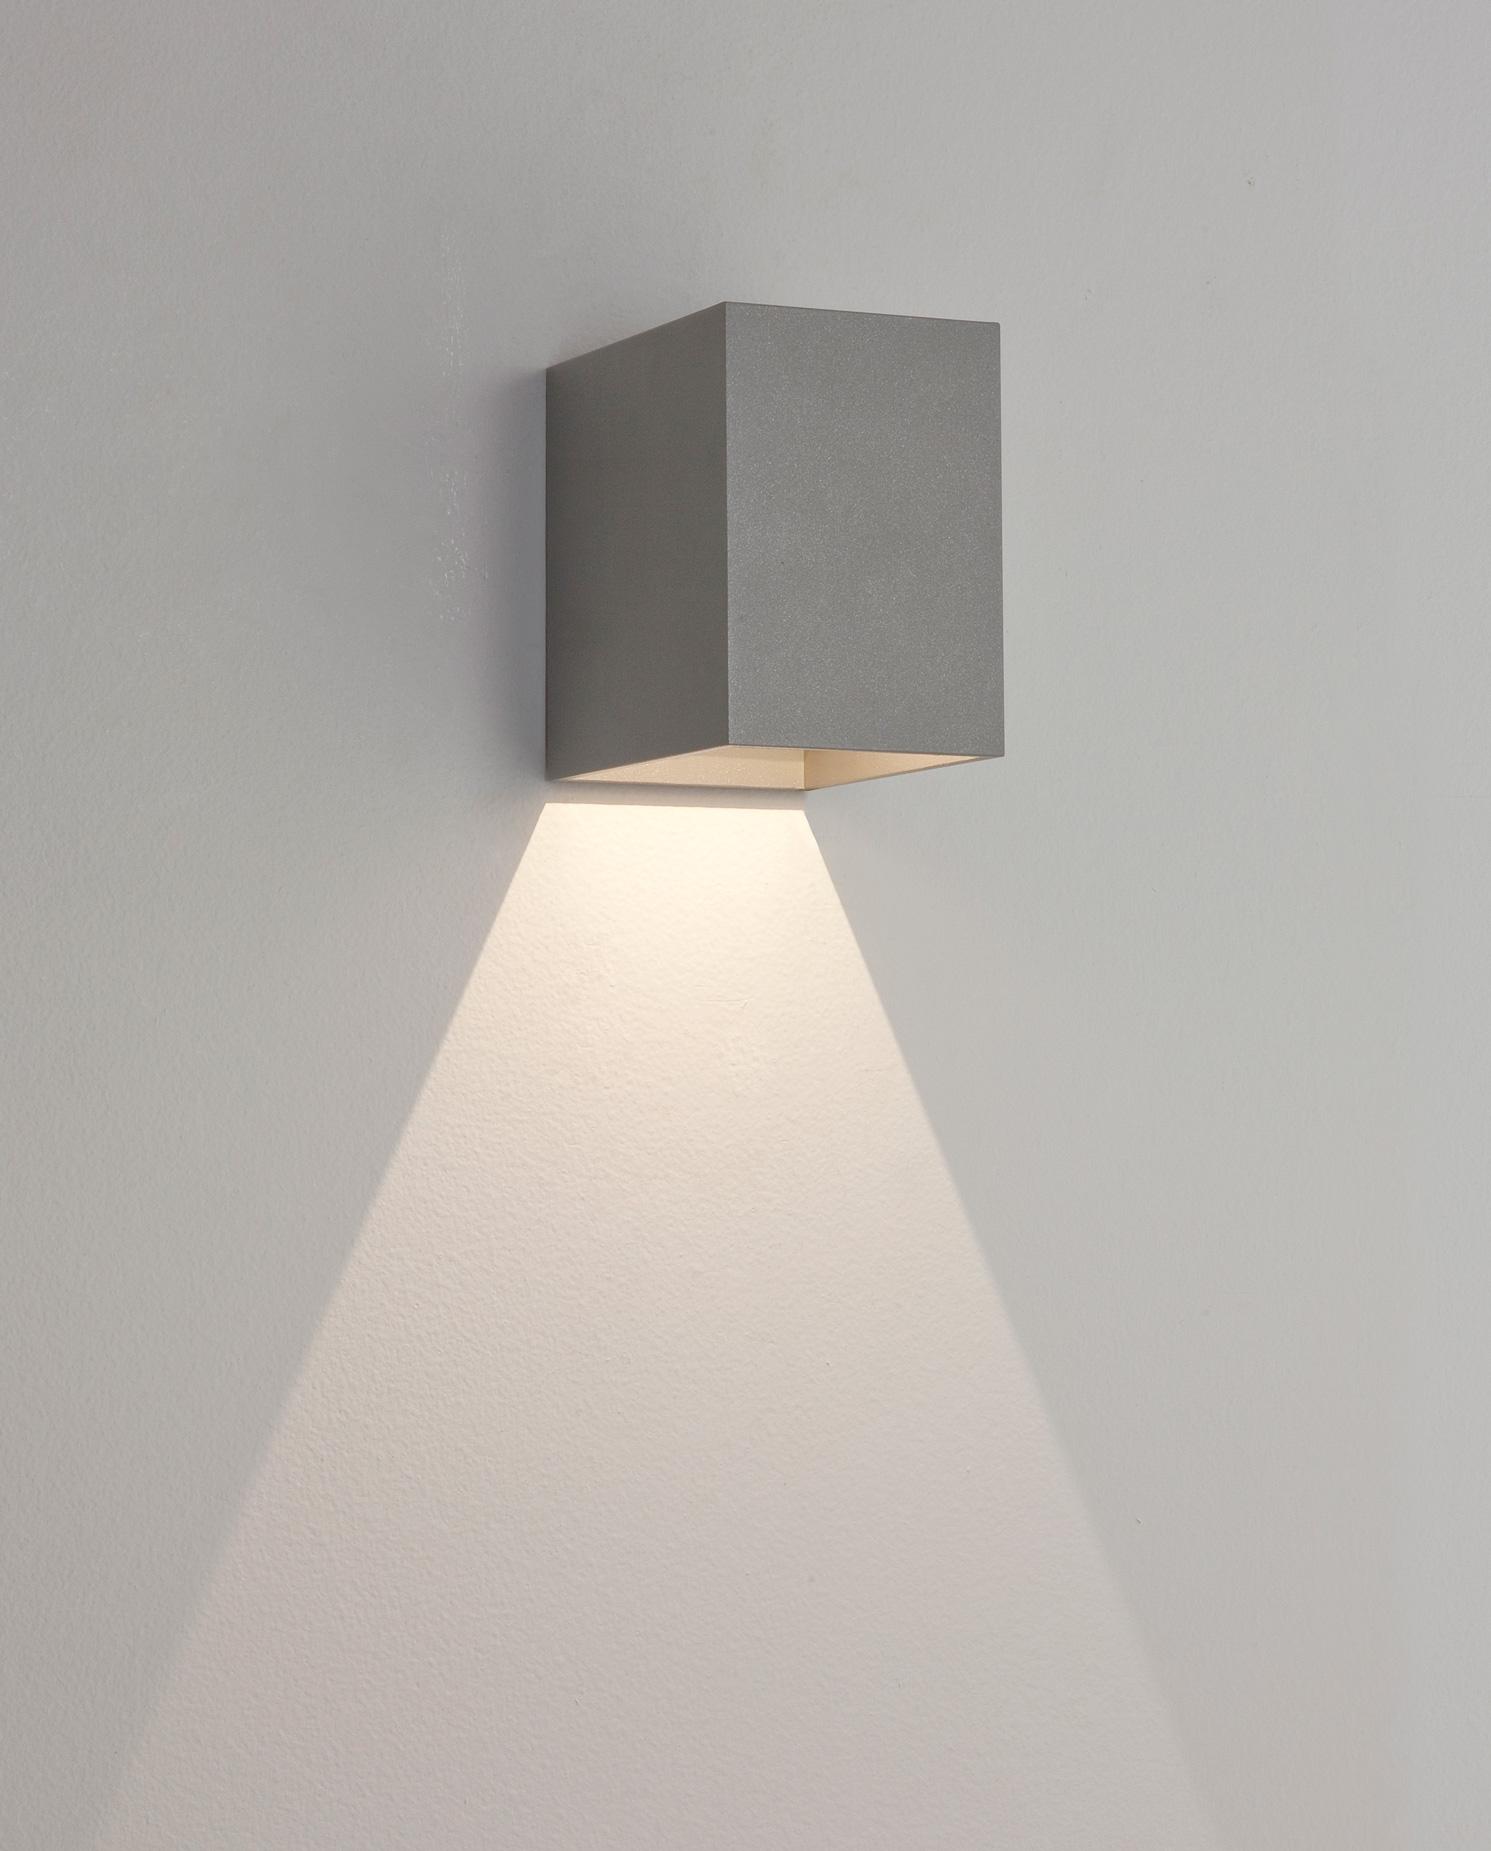 Applique exterieur led eclairage exterieur for Appliques exterieures led